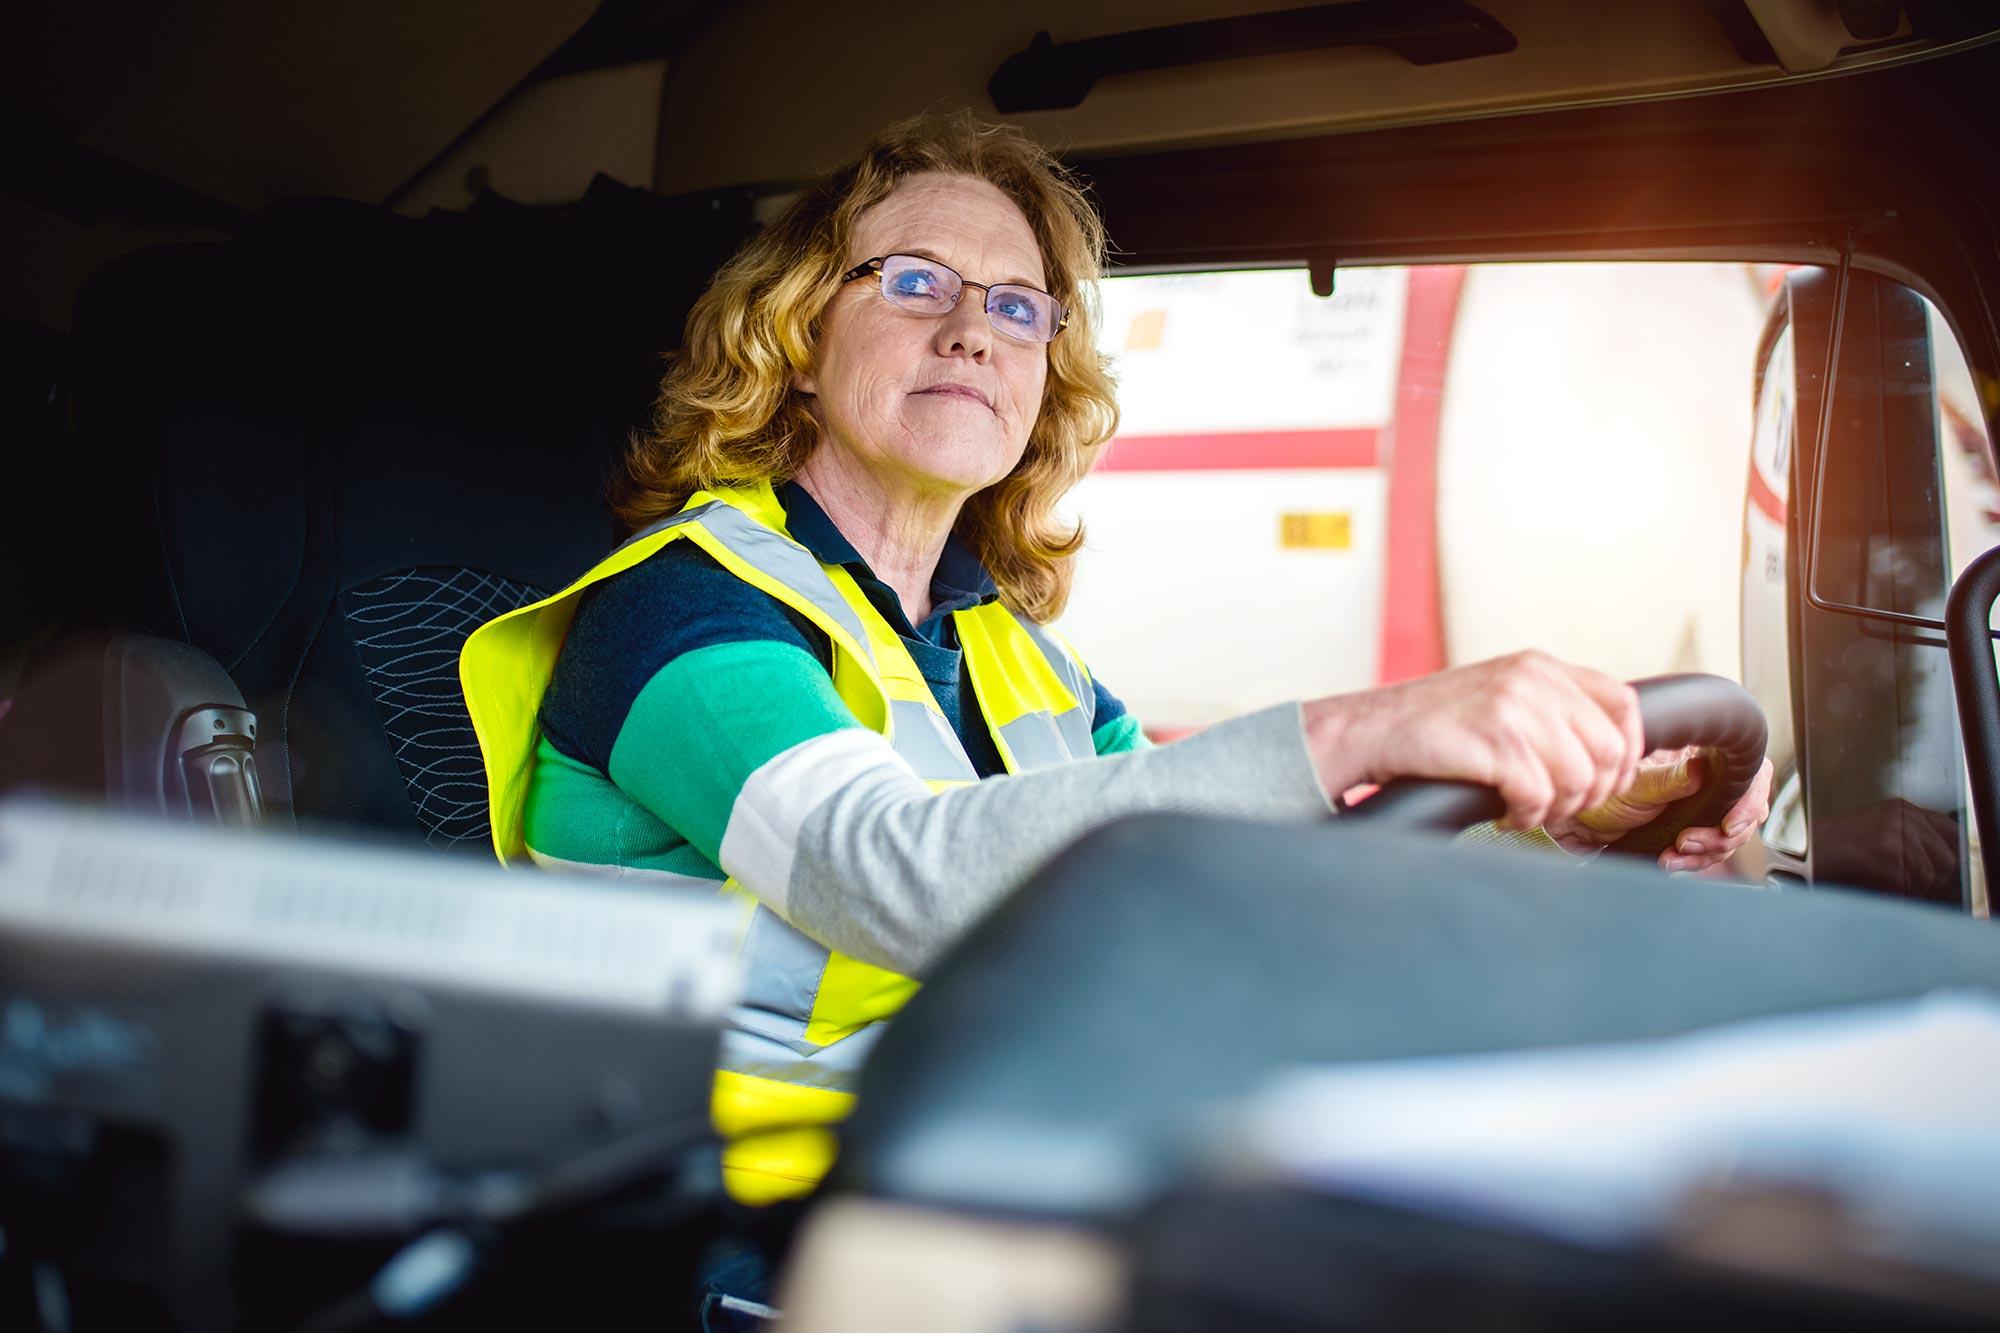 Talke Logistics Mitarbeiter Motive LKW Fahrerin in der Kabine eines Lastwagens zuversichtlich entschlossen professionell Truckerin Frau